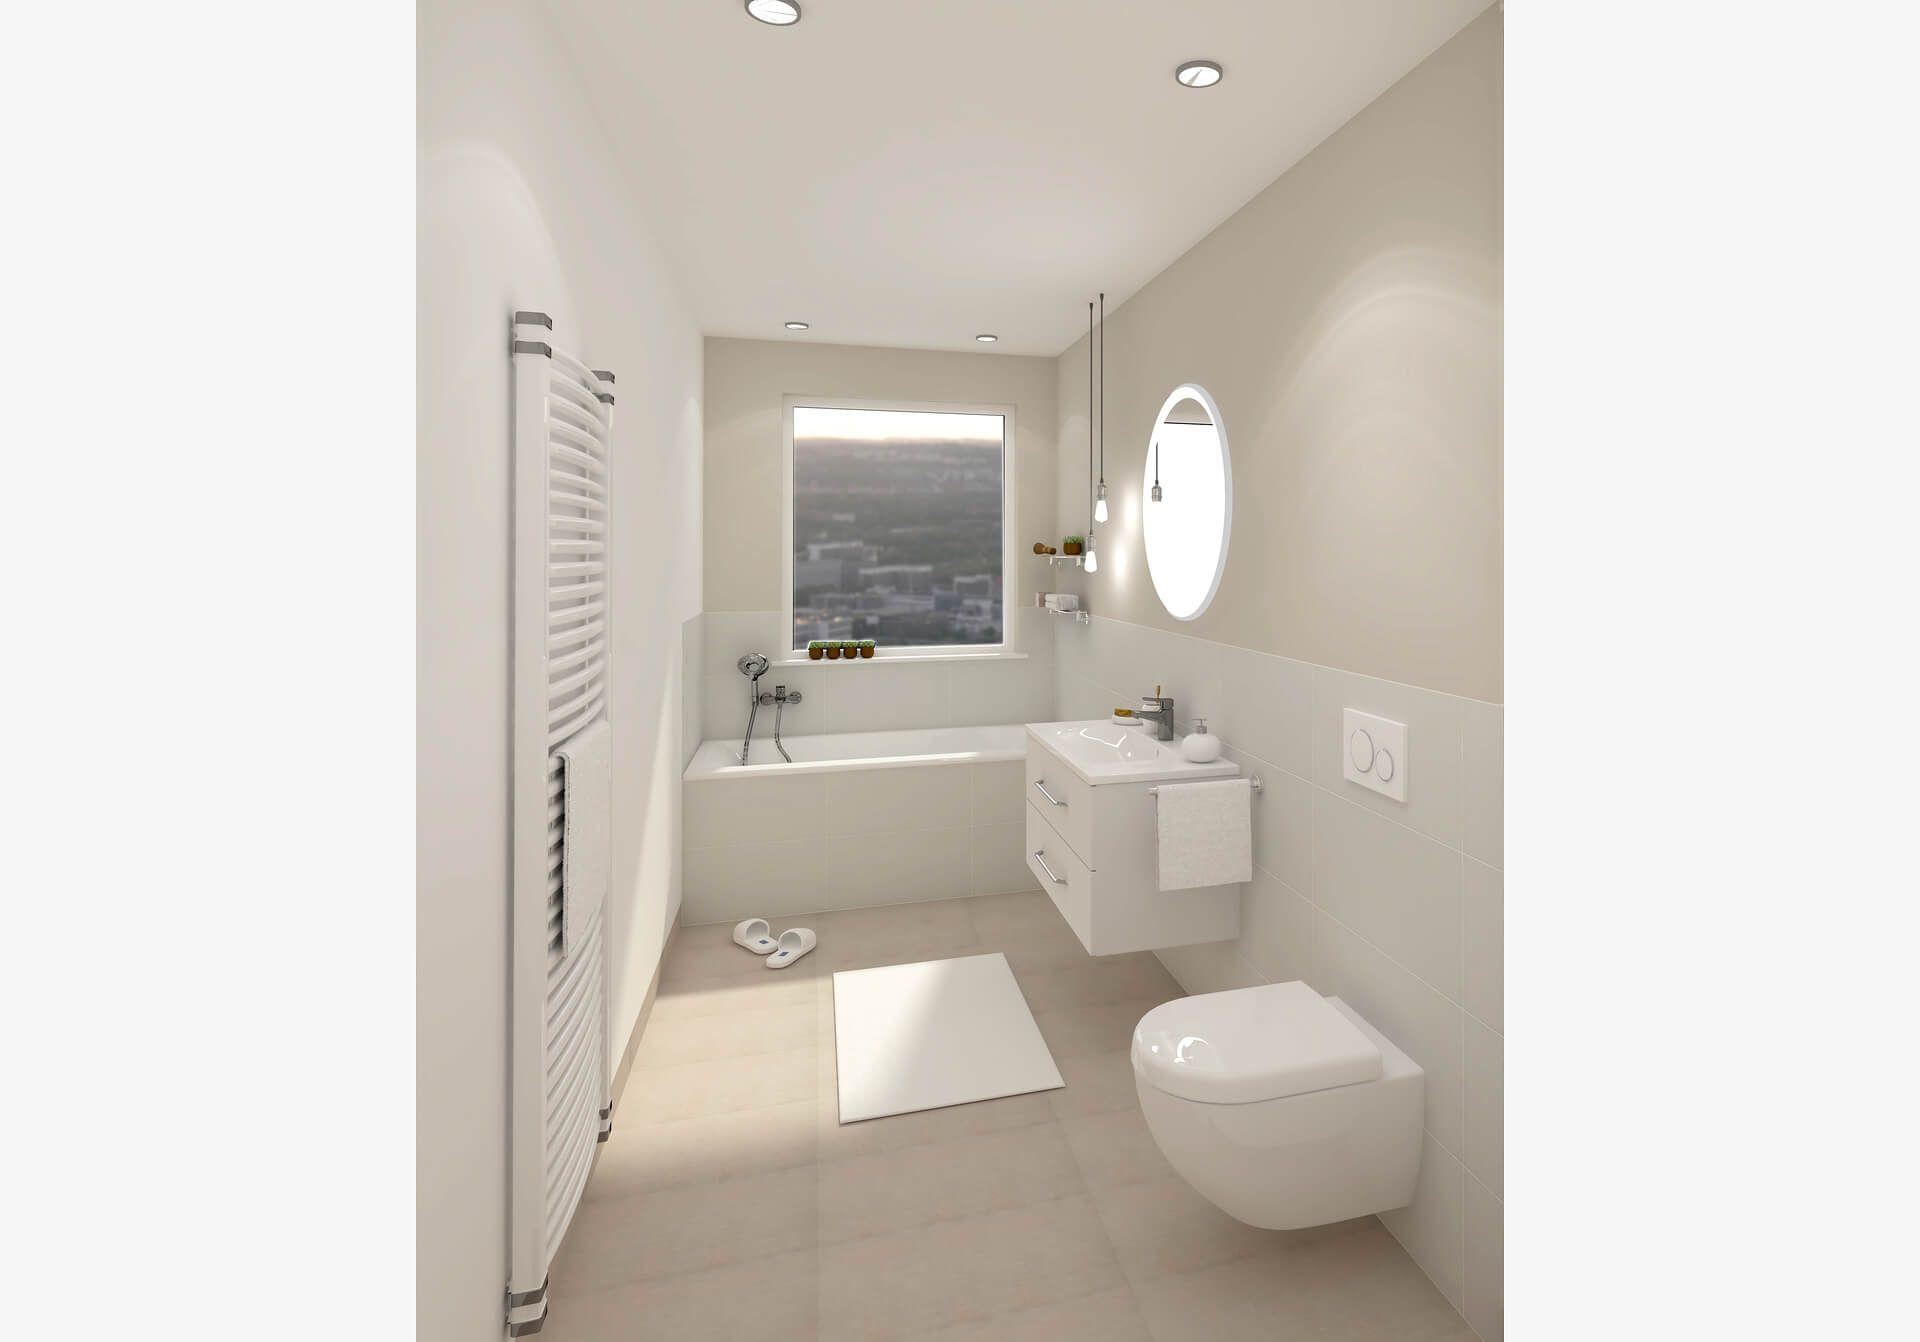 Badezimmer Sanfter Morgen In 2020 Helle Badezimmer Badezimmer Landhaus Badezimmer Fliesen Beige